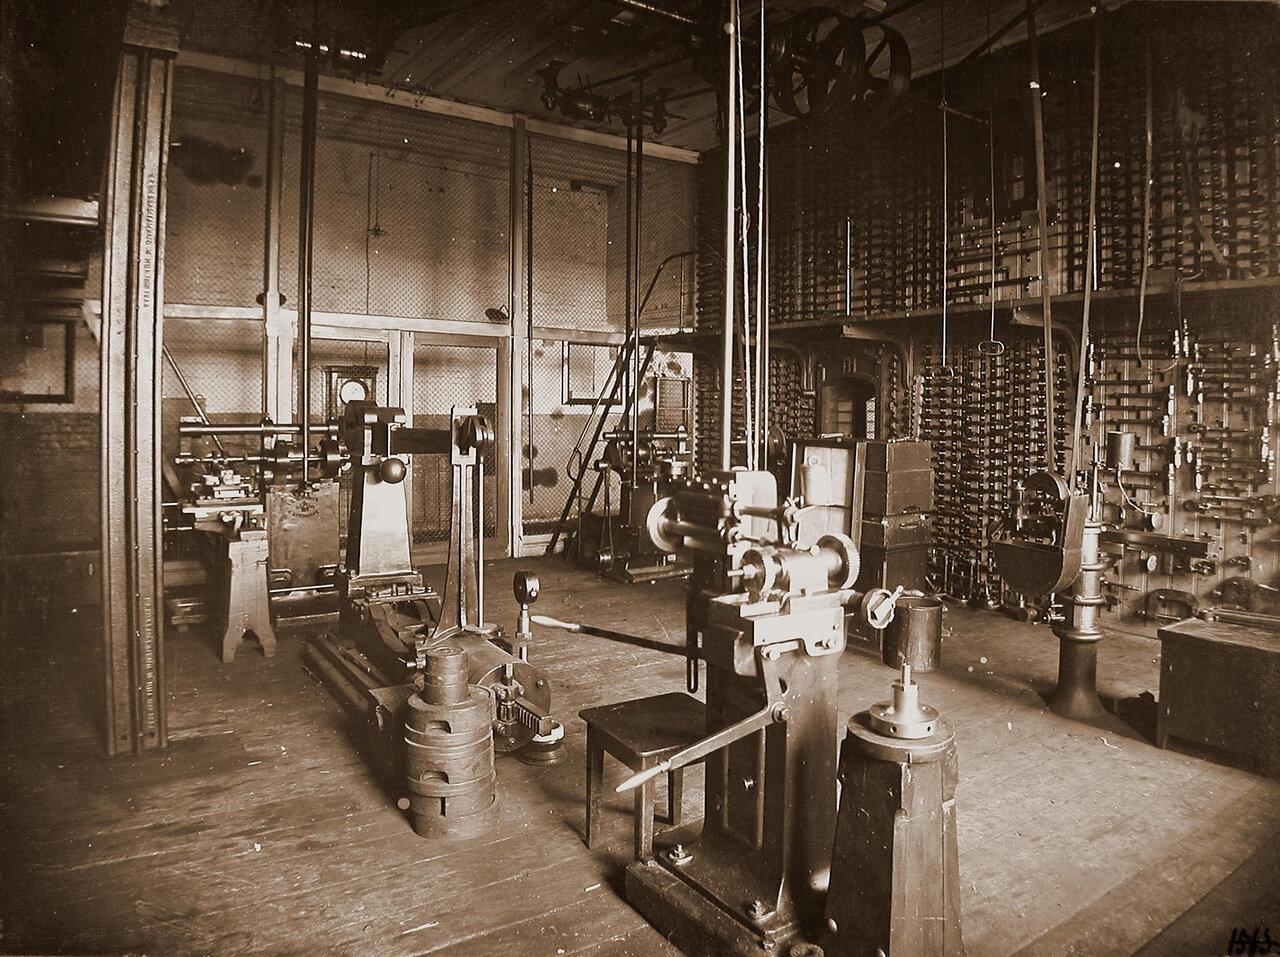 30. Вид станков (на первом плане) и инструментов (трещоток, струбцинок, коловоротов и других) в одном из цехов мастерской